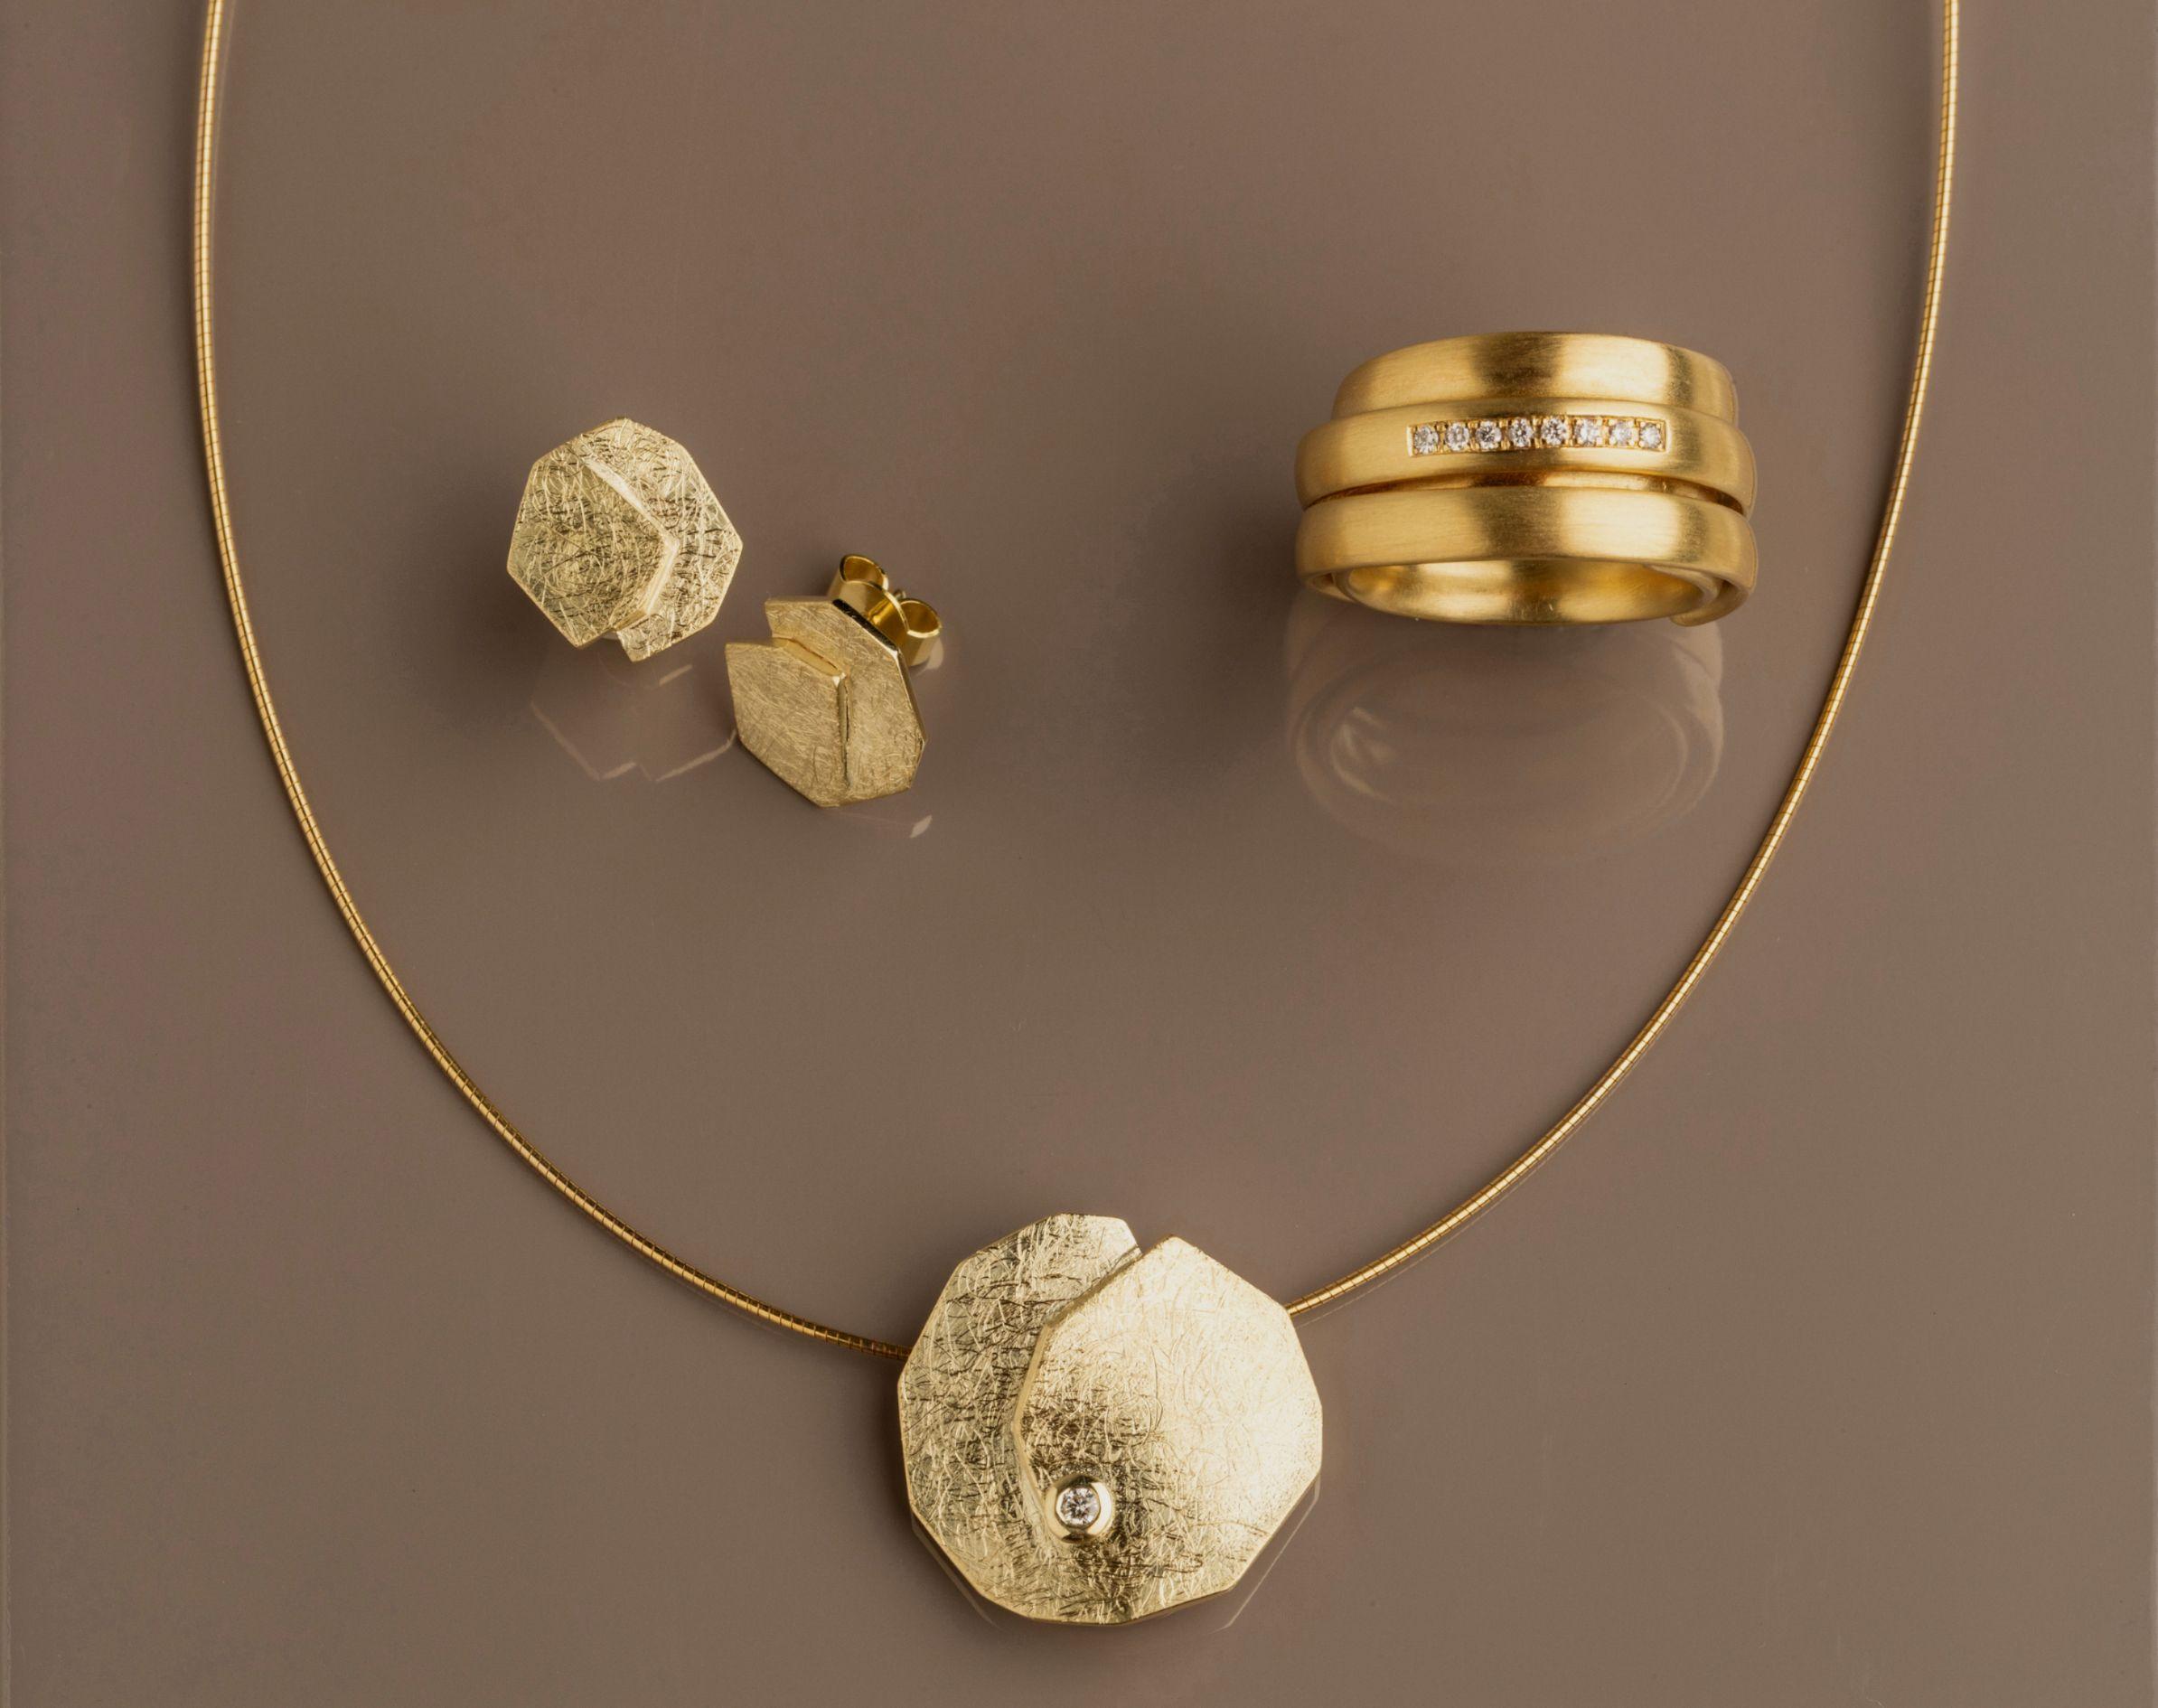 Juwelier Döring